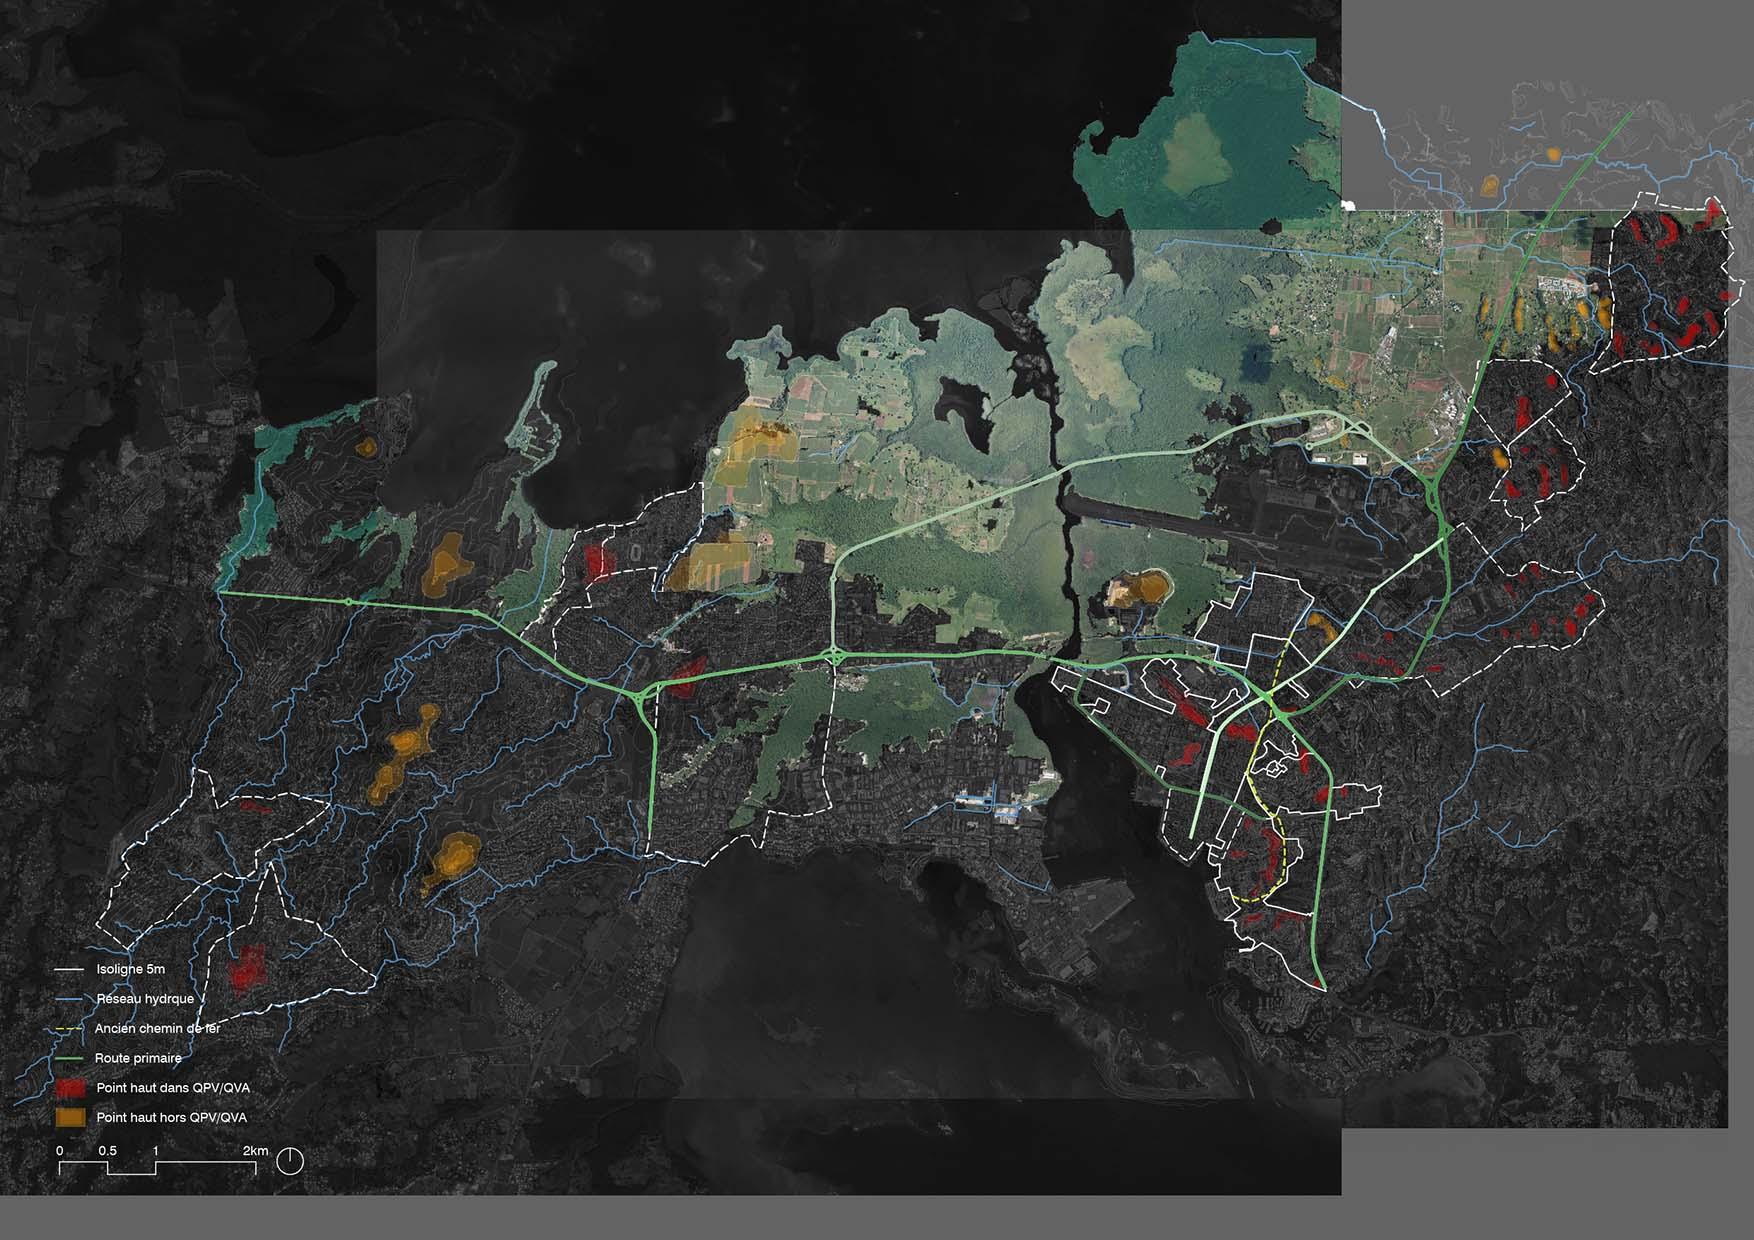 cartographie des forces payagères de la guadeloupe. Planification urbain à grande échelle